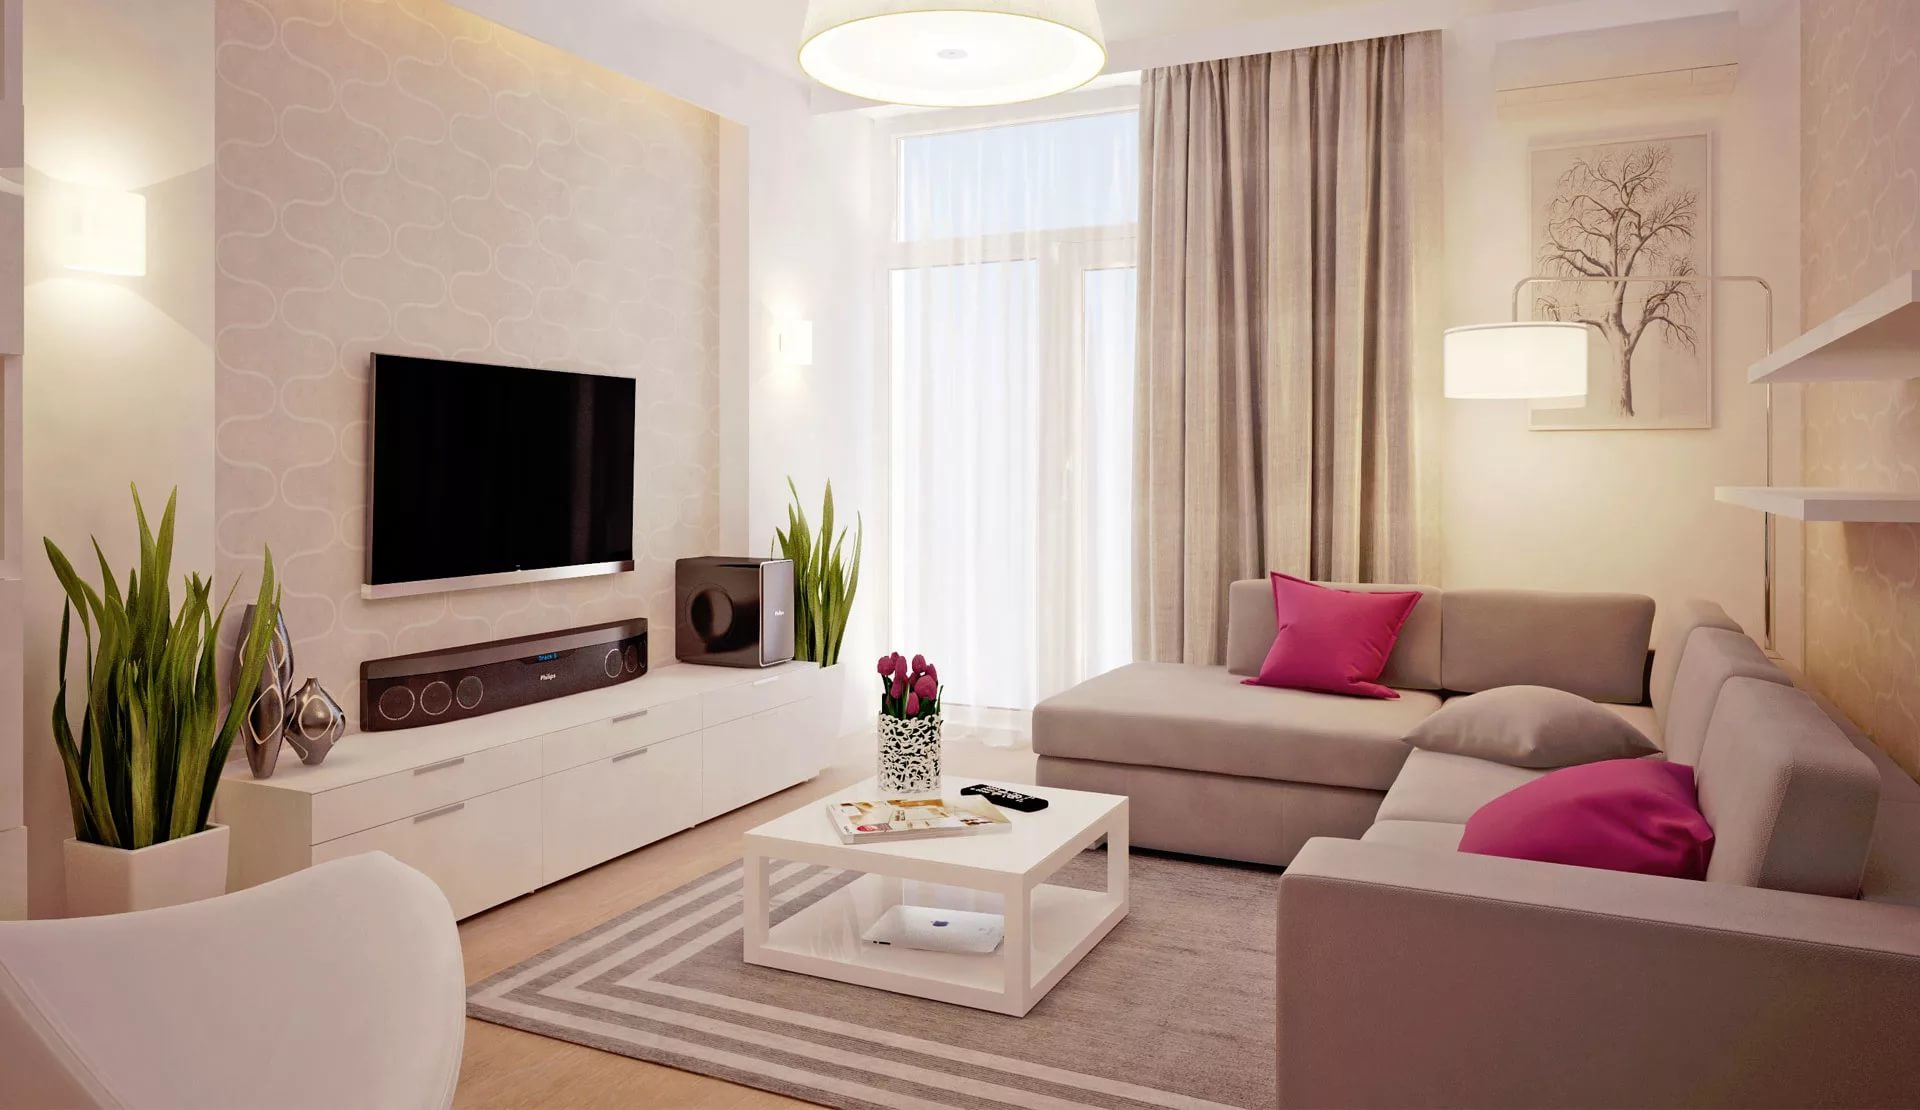 Аренда квартир в Казани в деловой сезон поднялась на 2 тыс. рублей